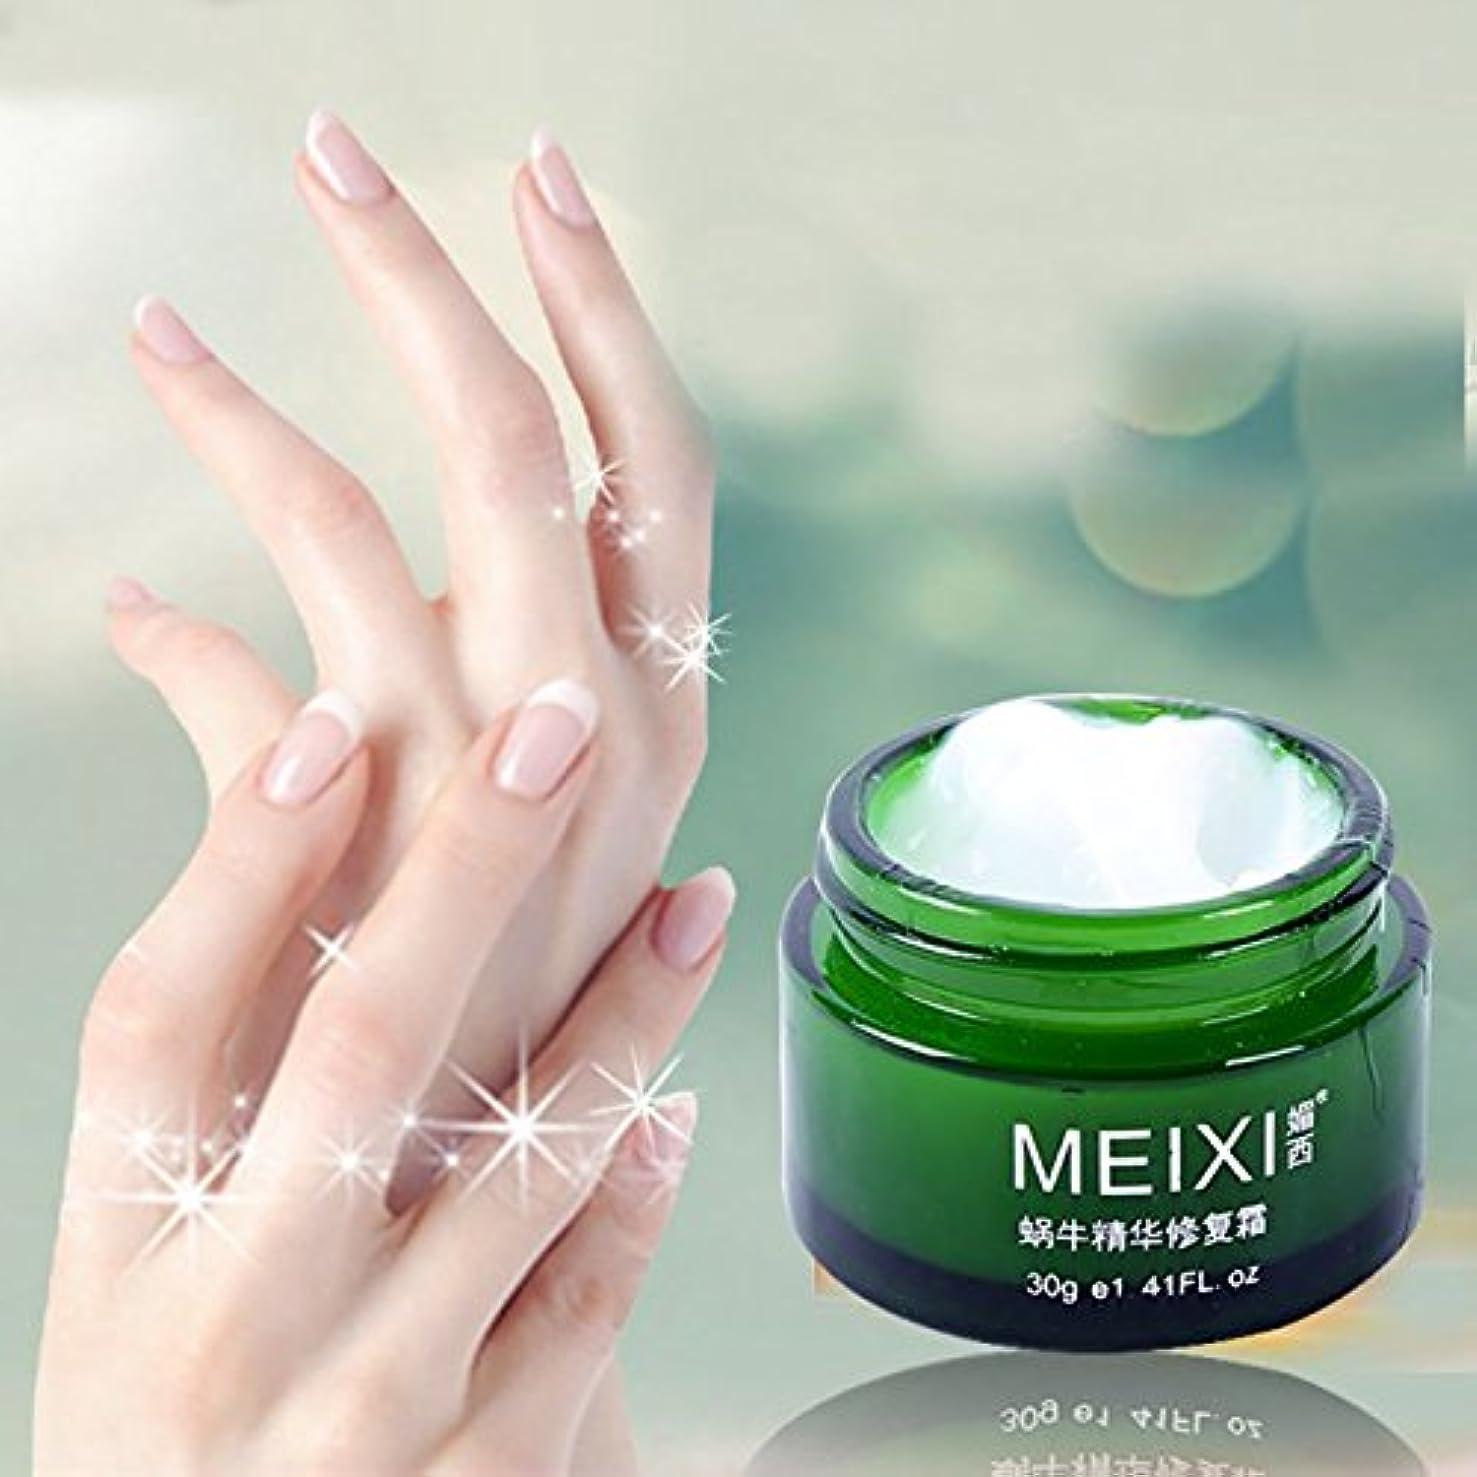 変動する扱いやすい残り物色寧カタツムリクリーム保湿かたつむりクリームを明るく